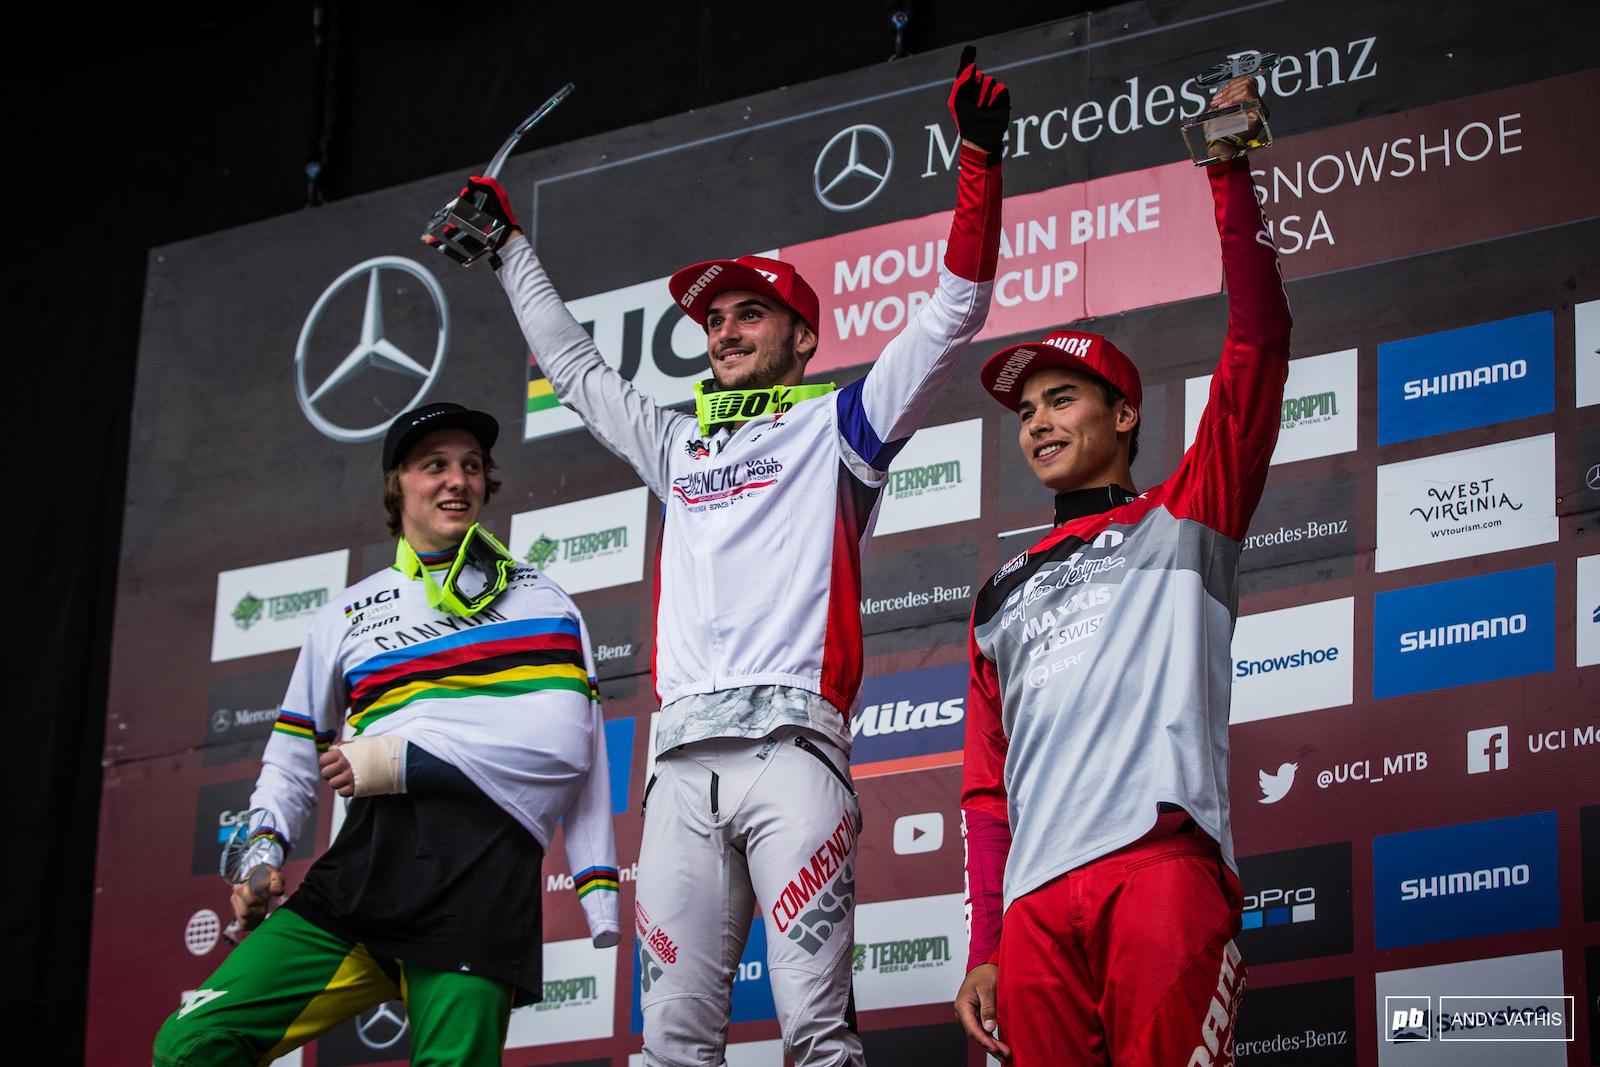 Your junior men s overall podium. Daprela A Hern and Cruz.